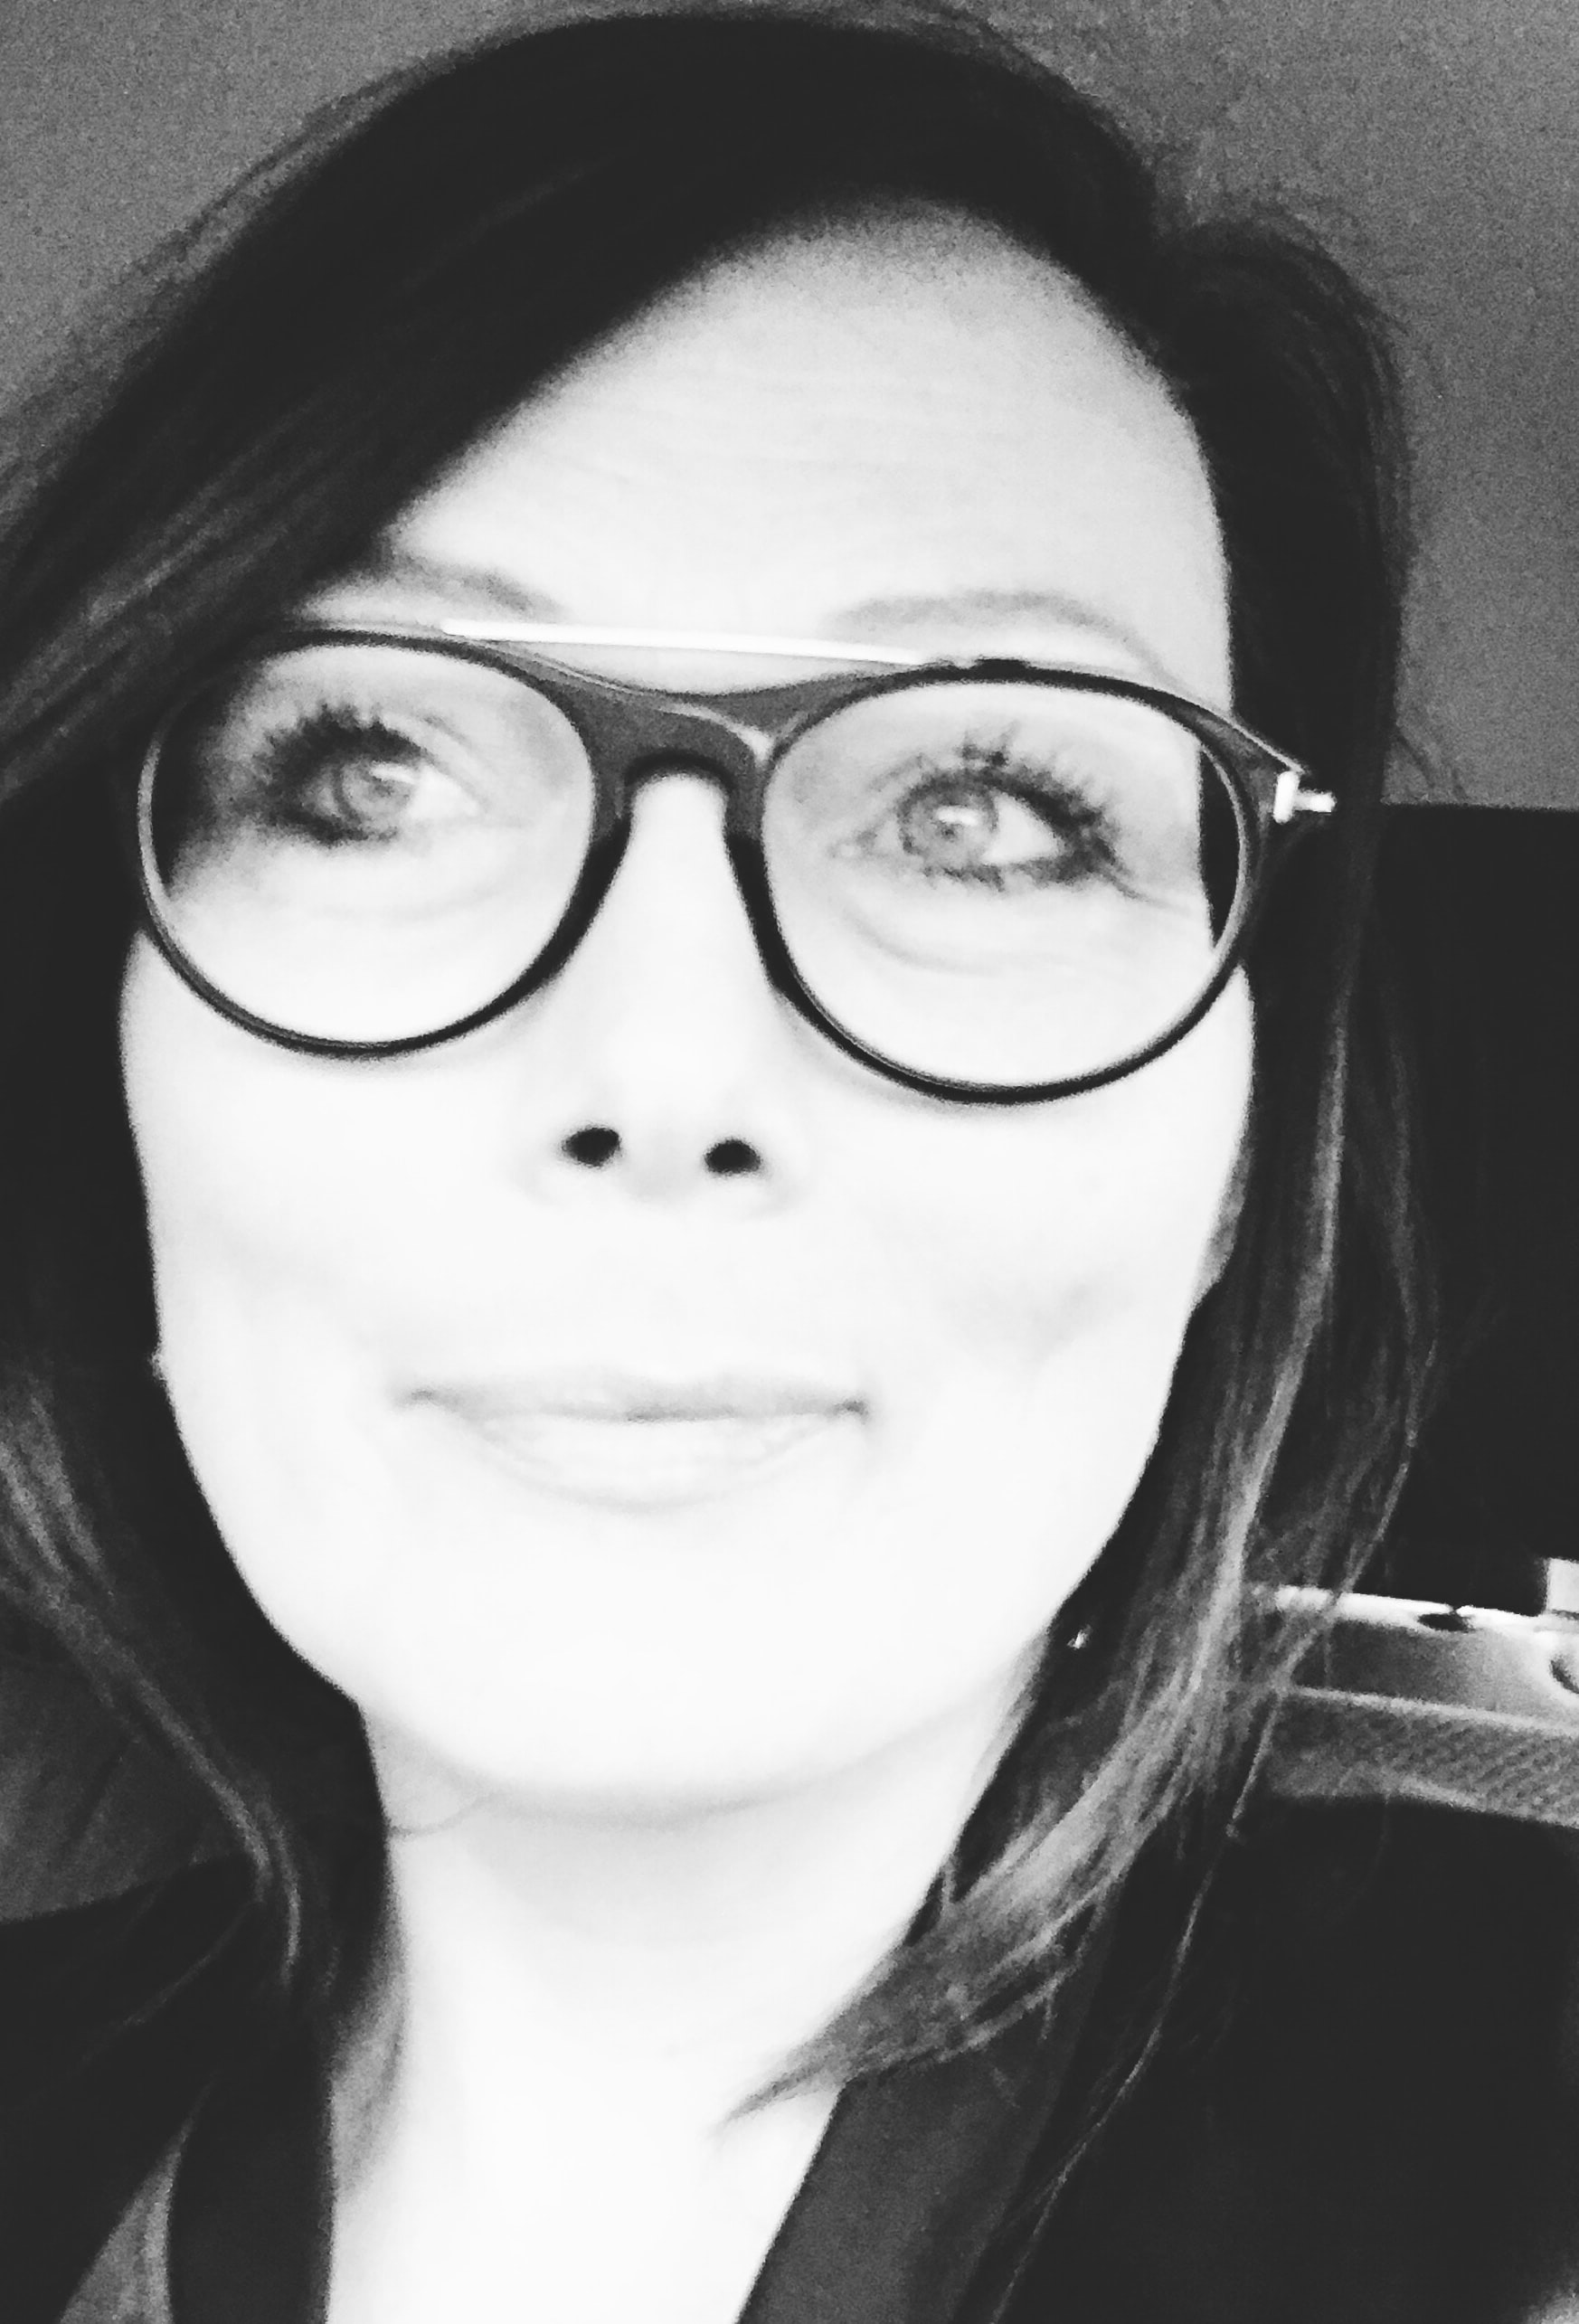 Go to Jane Rørbæk's profile